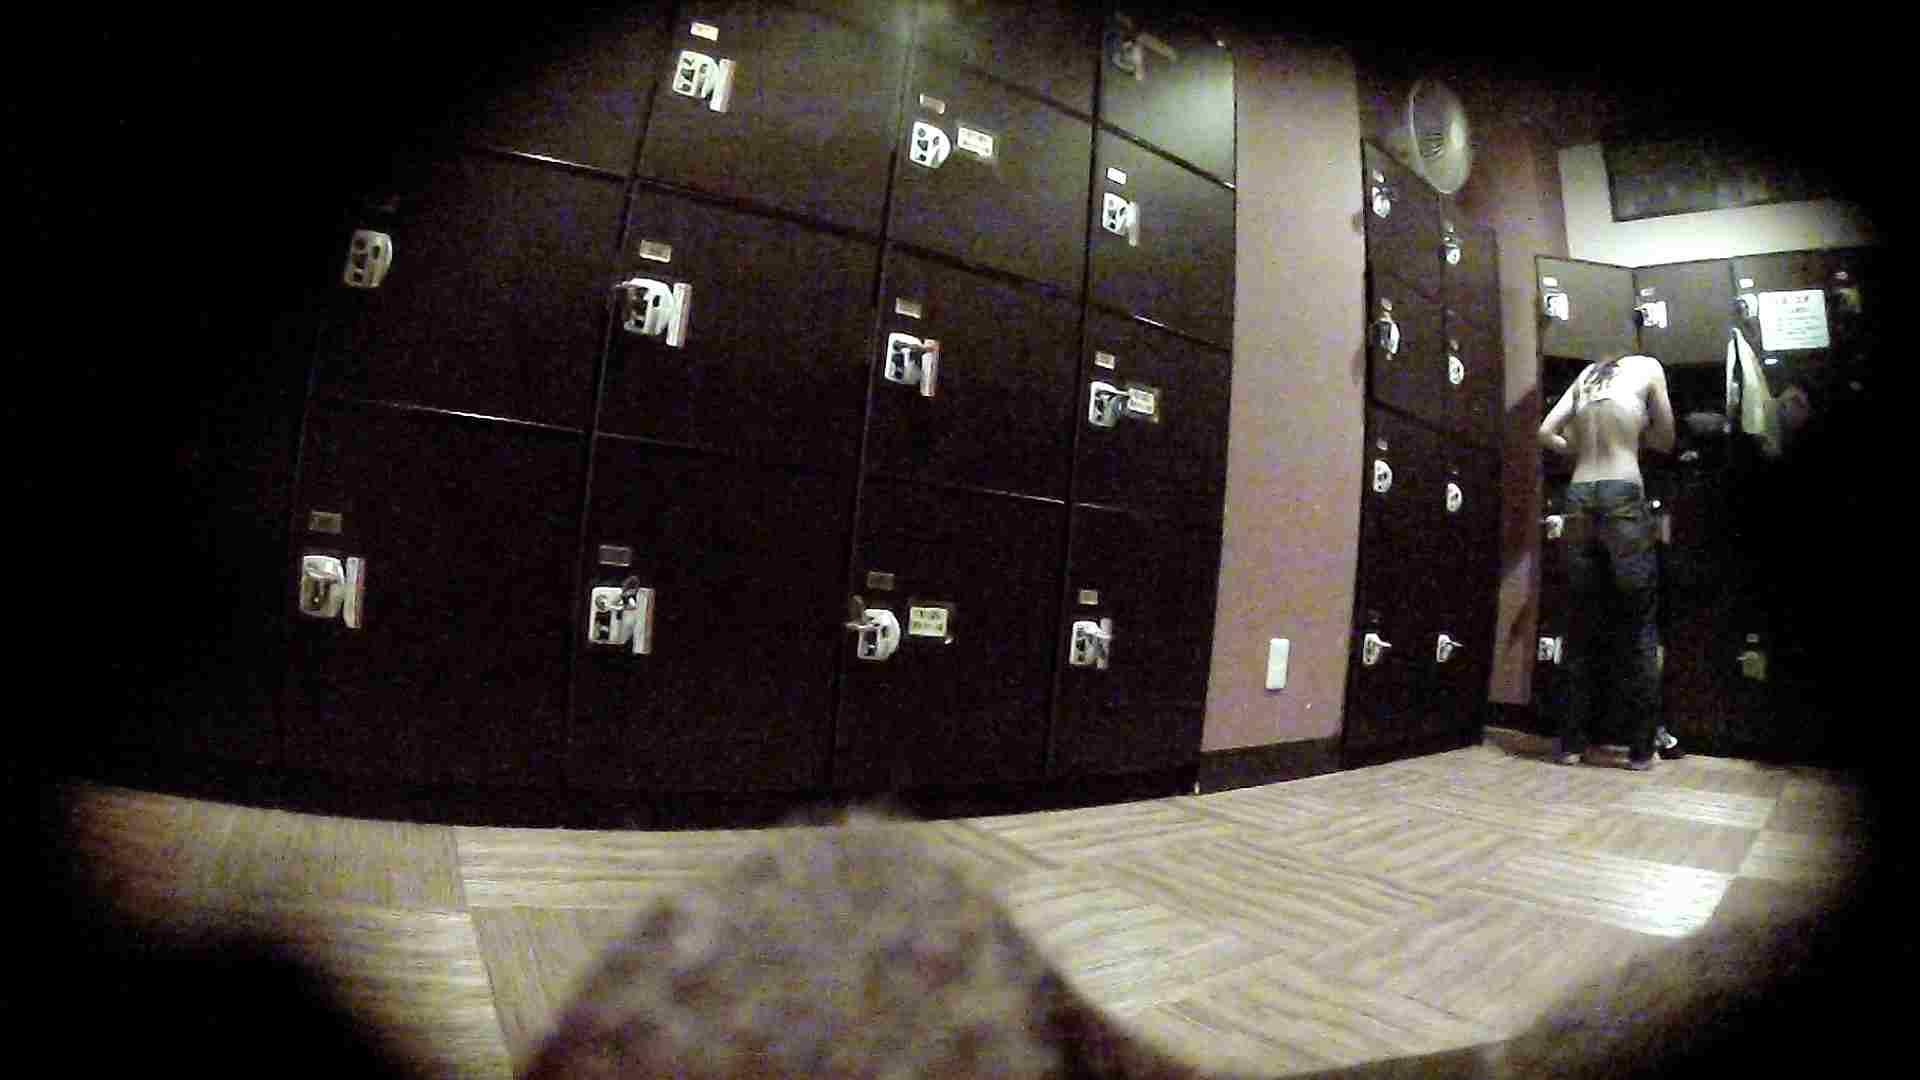 オムニバスVol.5 脱衣所のイケイケギャルがお勧め ギャル盗撮映像 | OLのボディ  97PIX 51